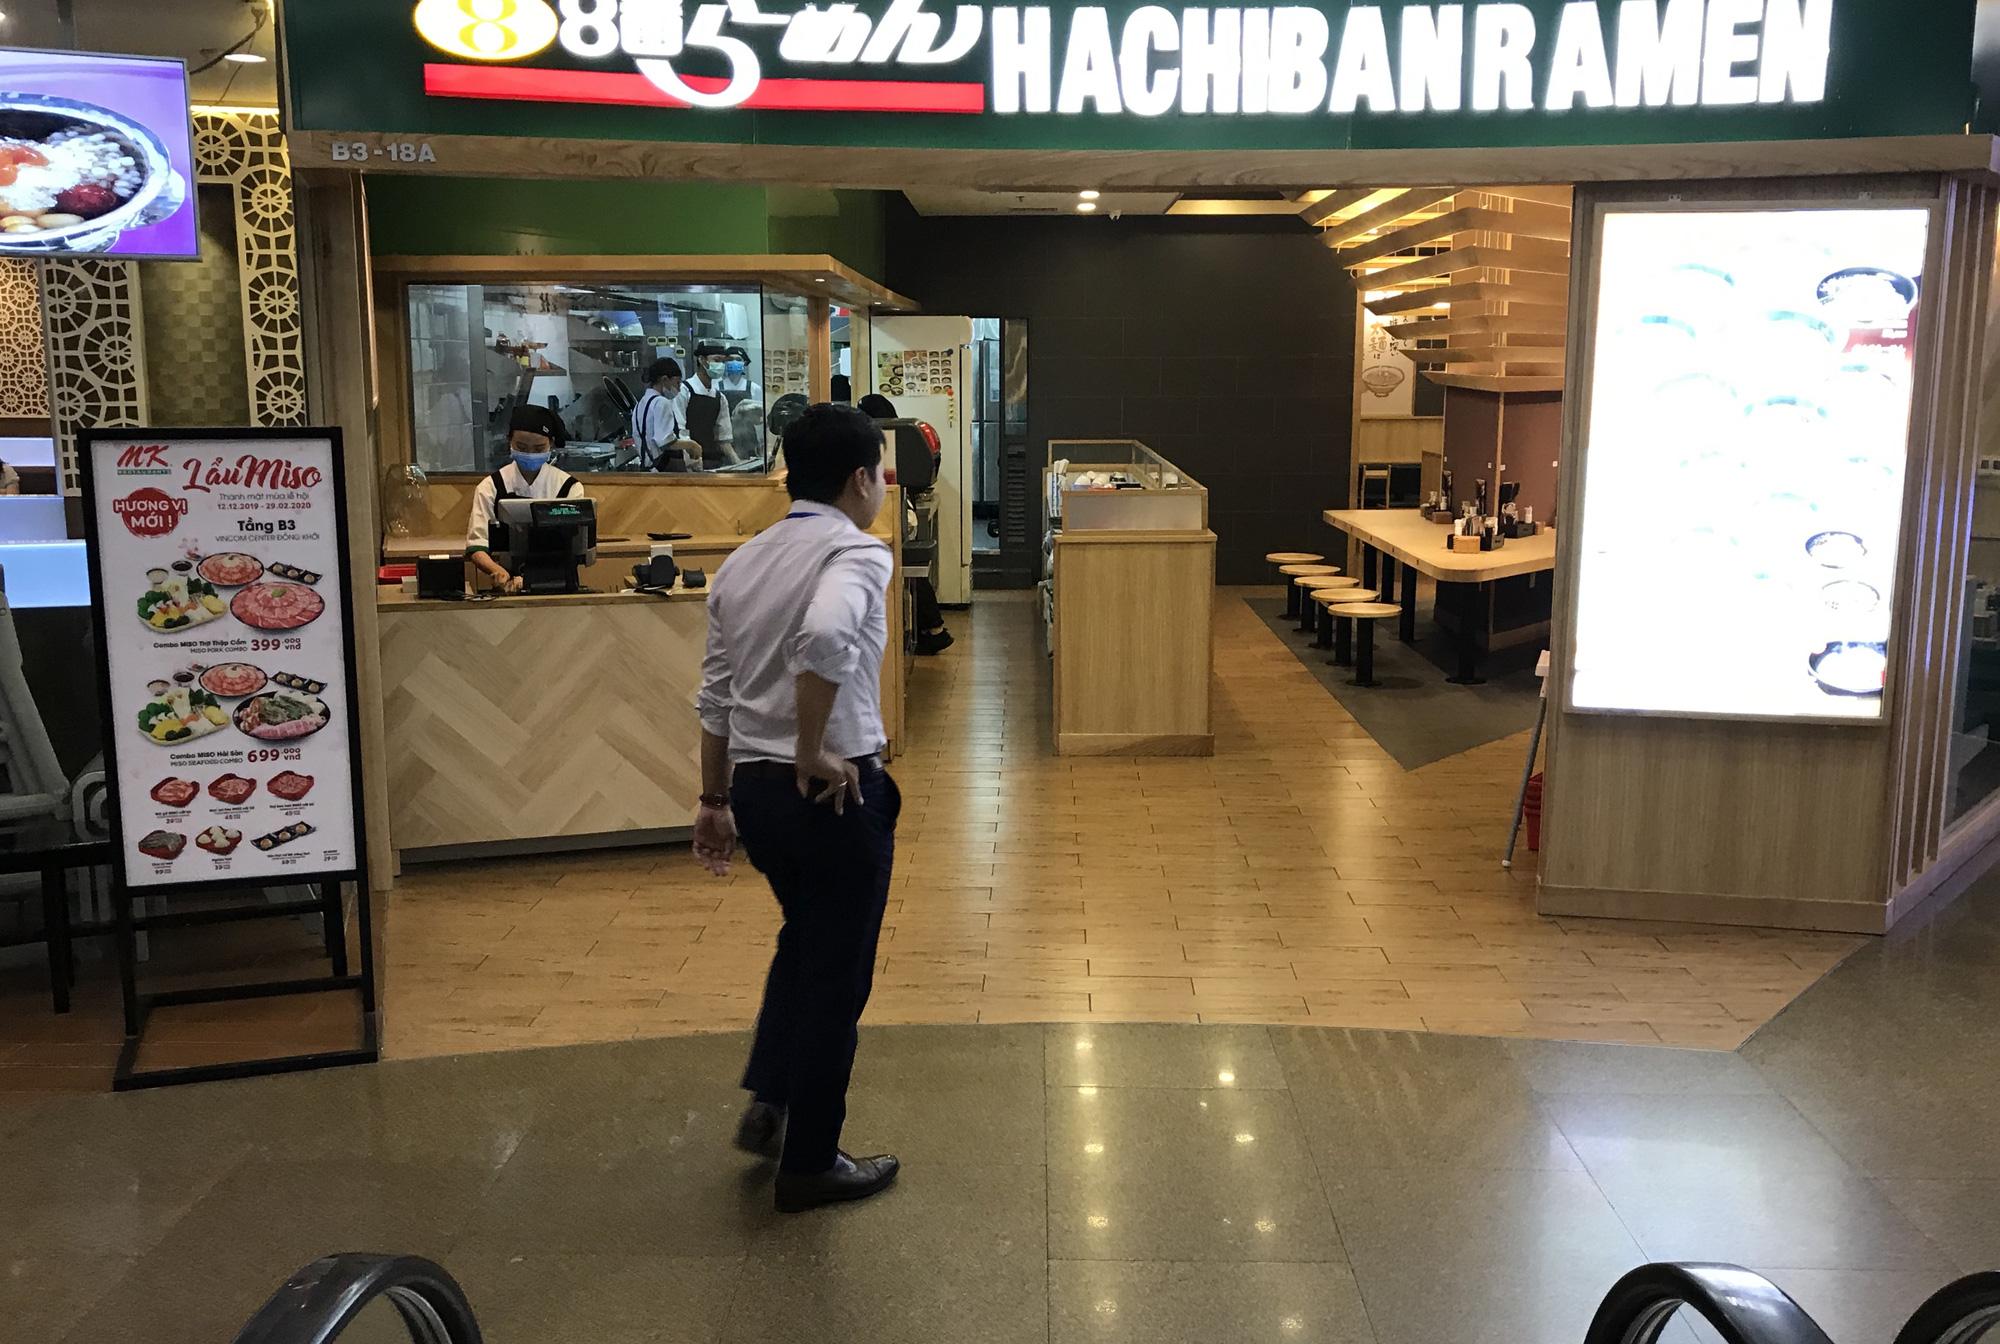 Nhà hàng, quán ăn, cà phê, trà sữa ở Sài Gòn quay lại cảnh đợi khách, vắng tanh chưa từng thấy vì dịch Covid-19 - Ảnh 6.